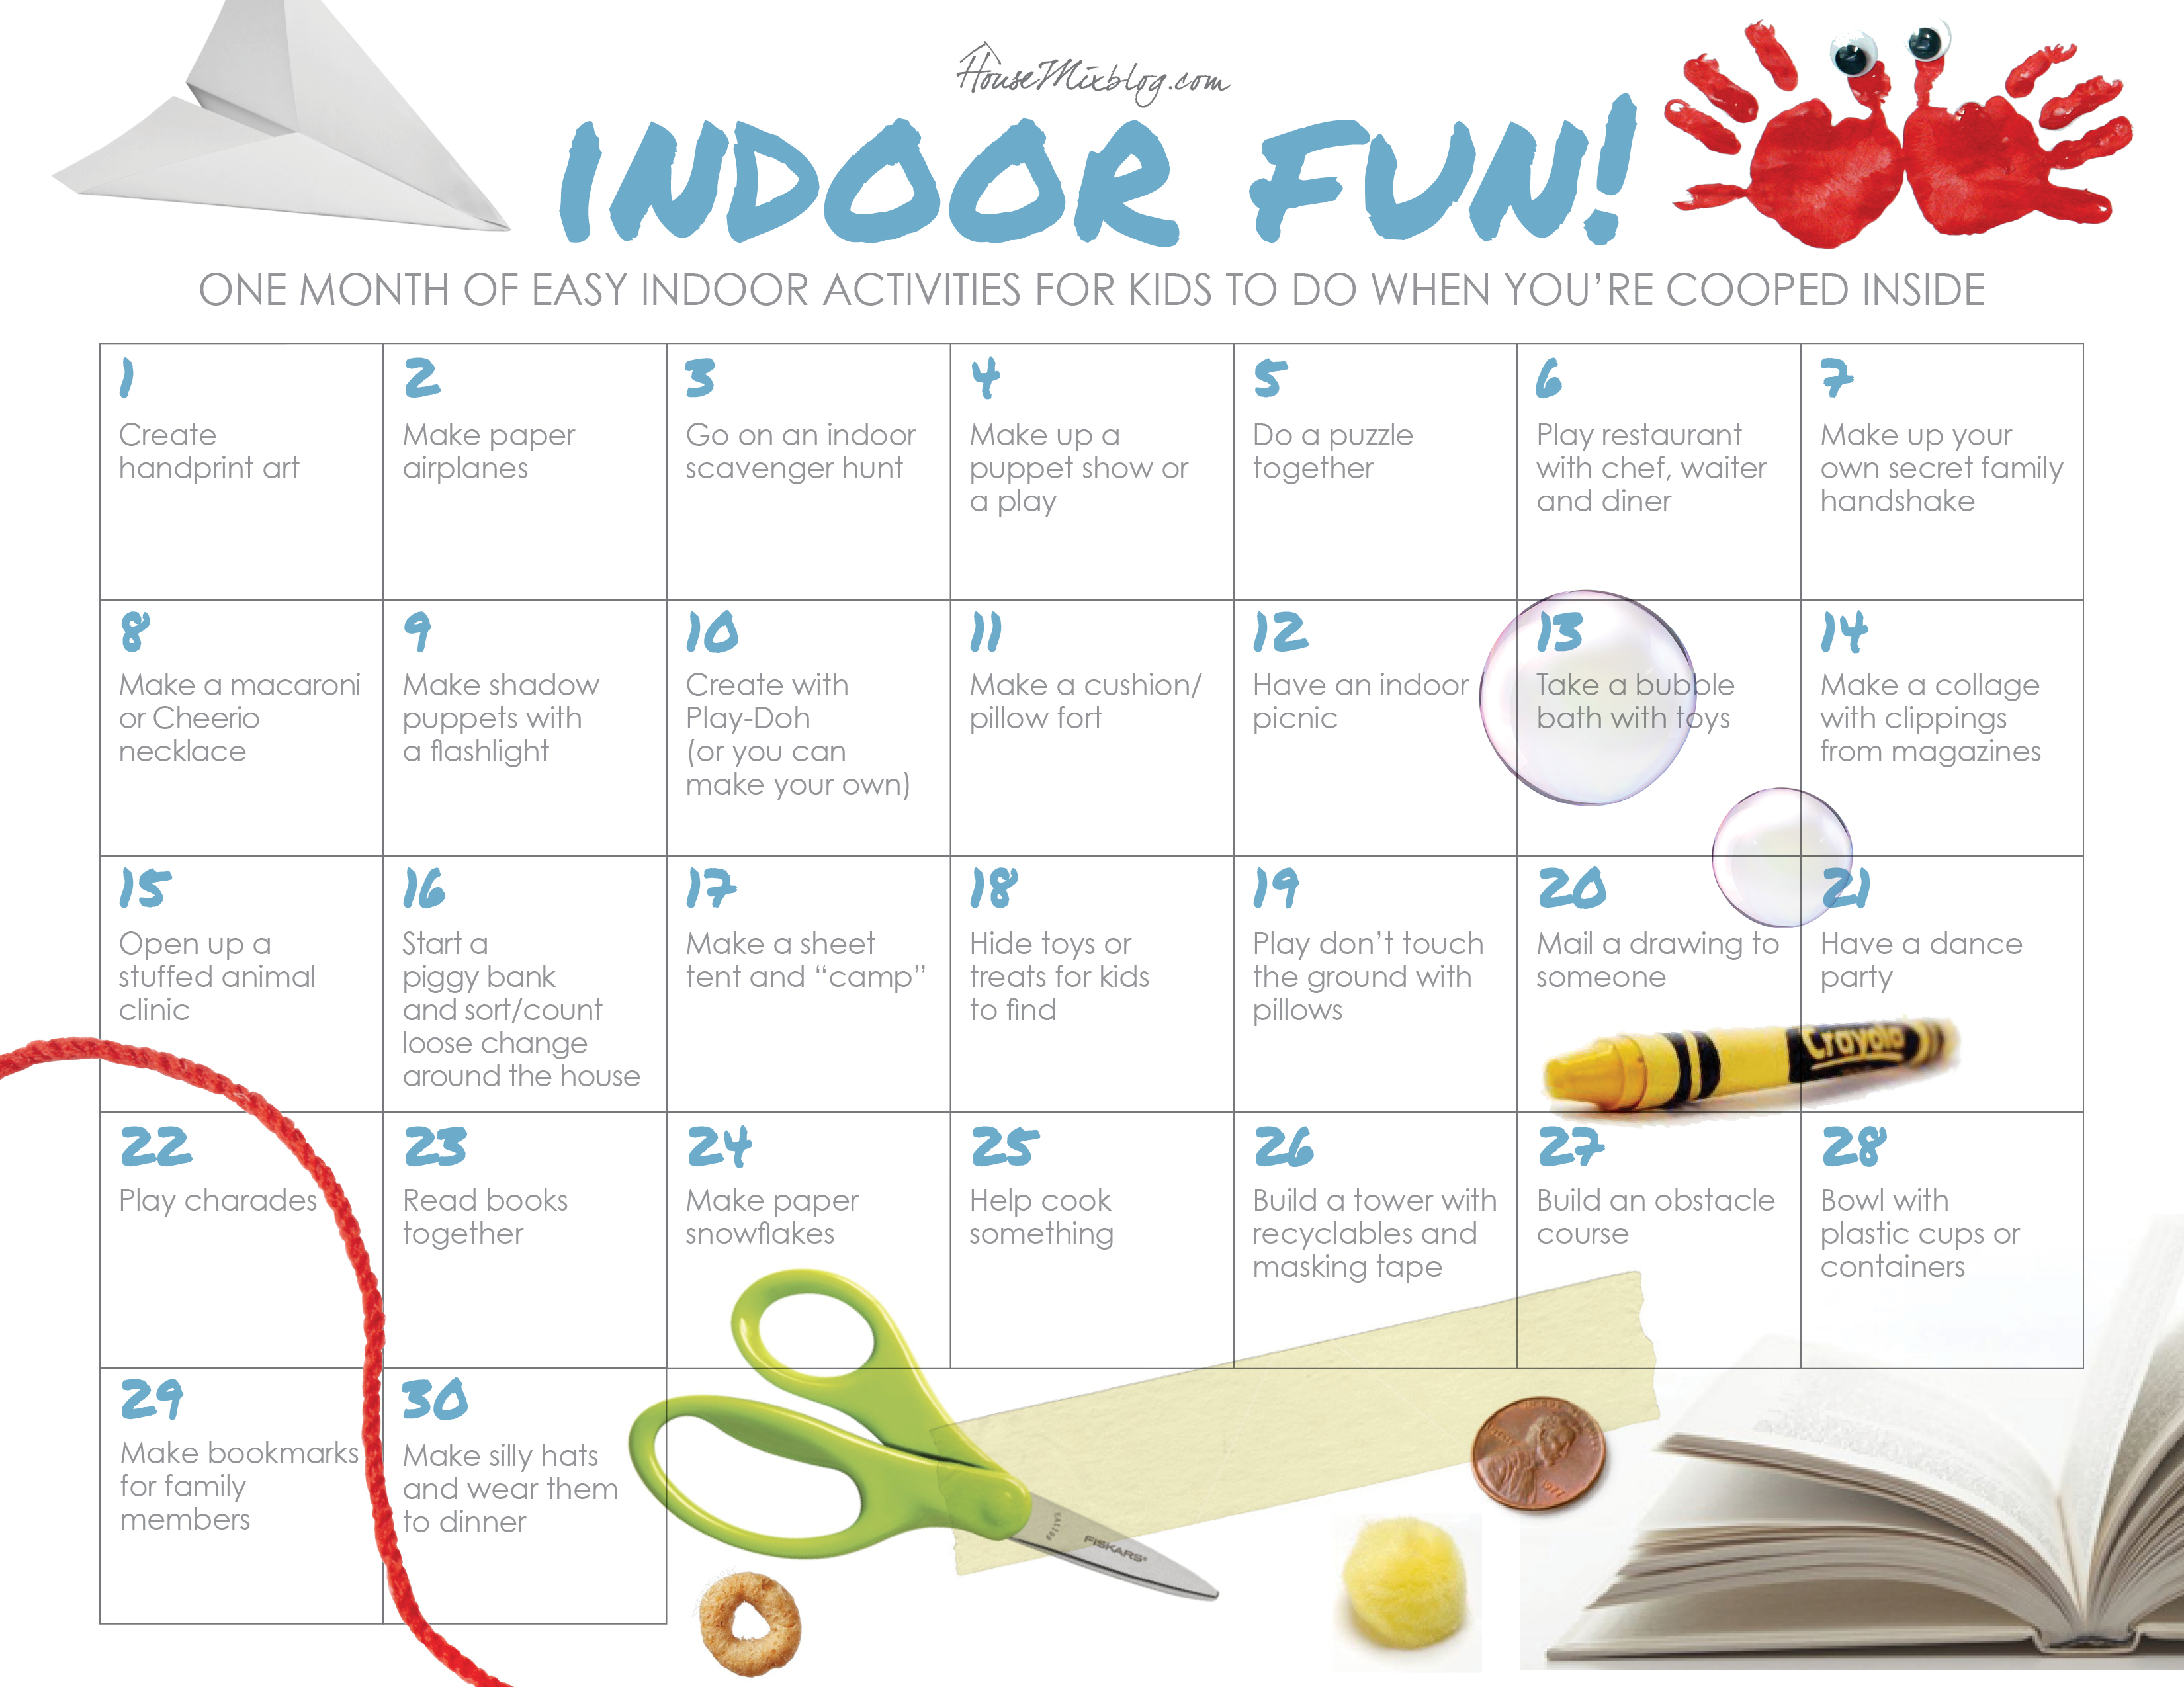 indoor activities for kids. One Month Of Easy Indoor Activities For Kids | HouseMixblog.com